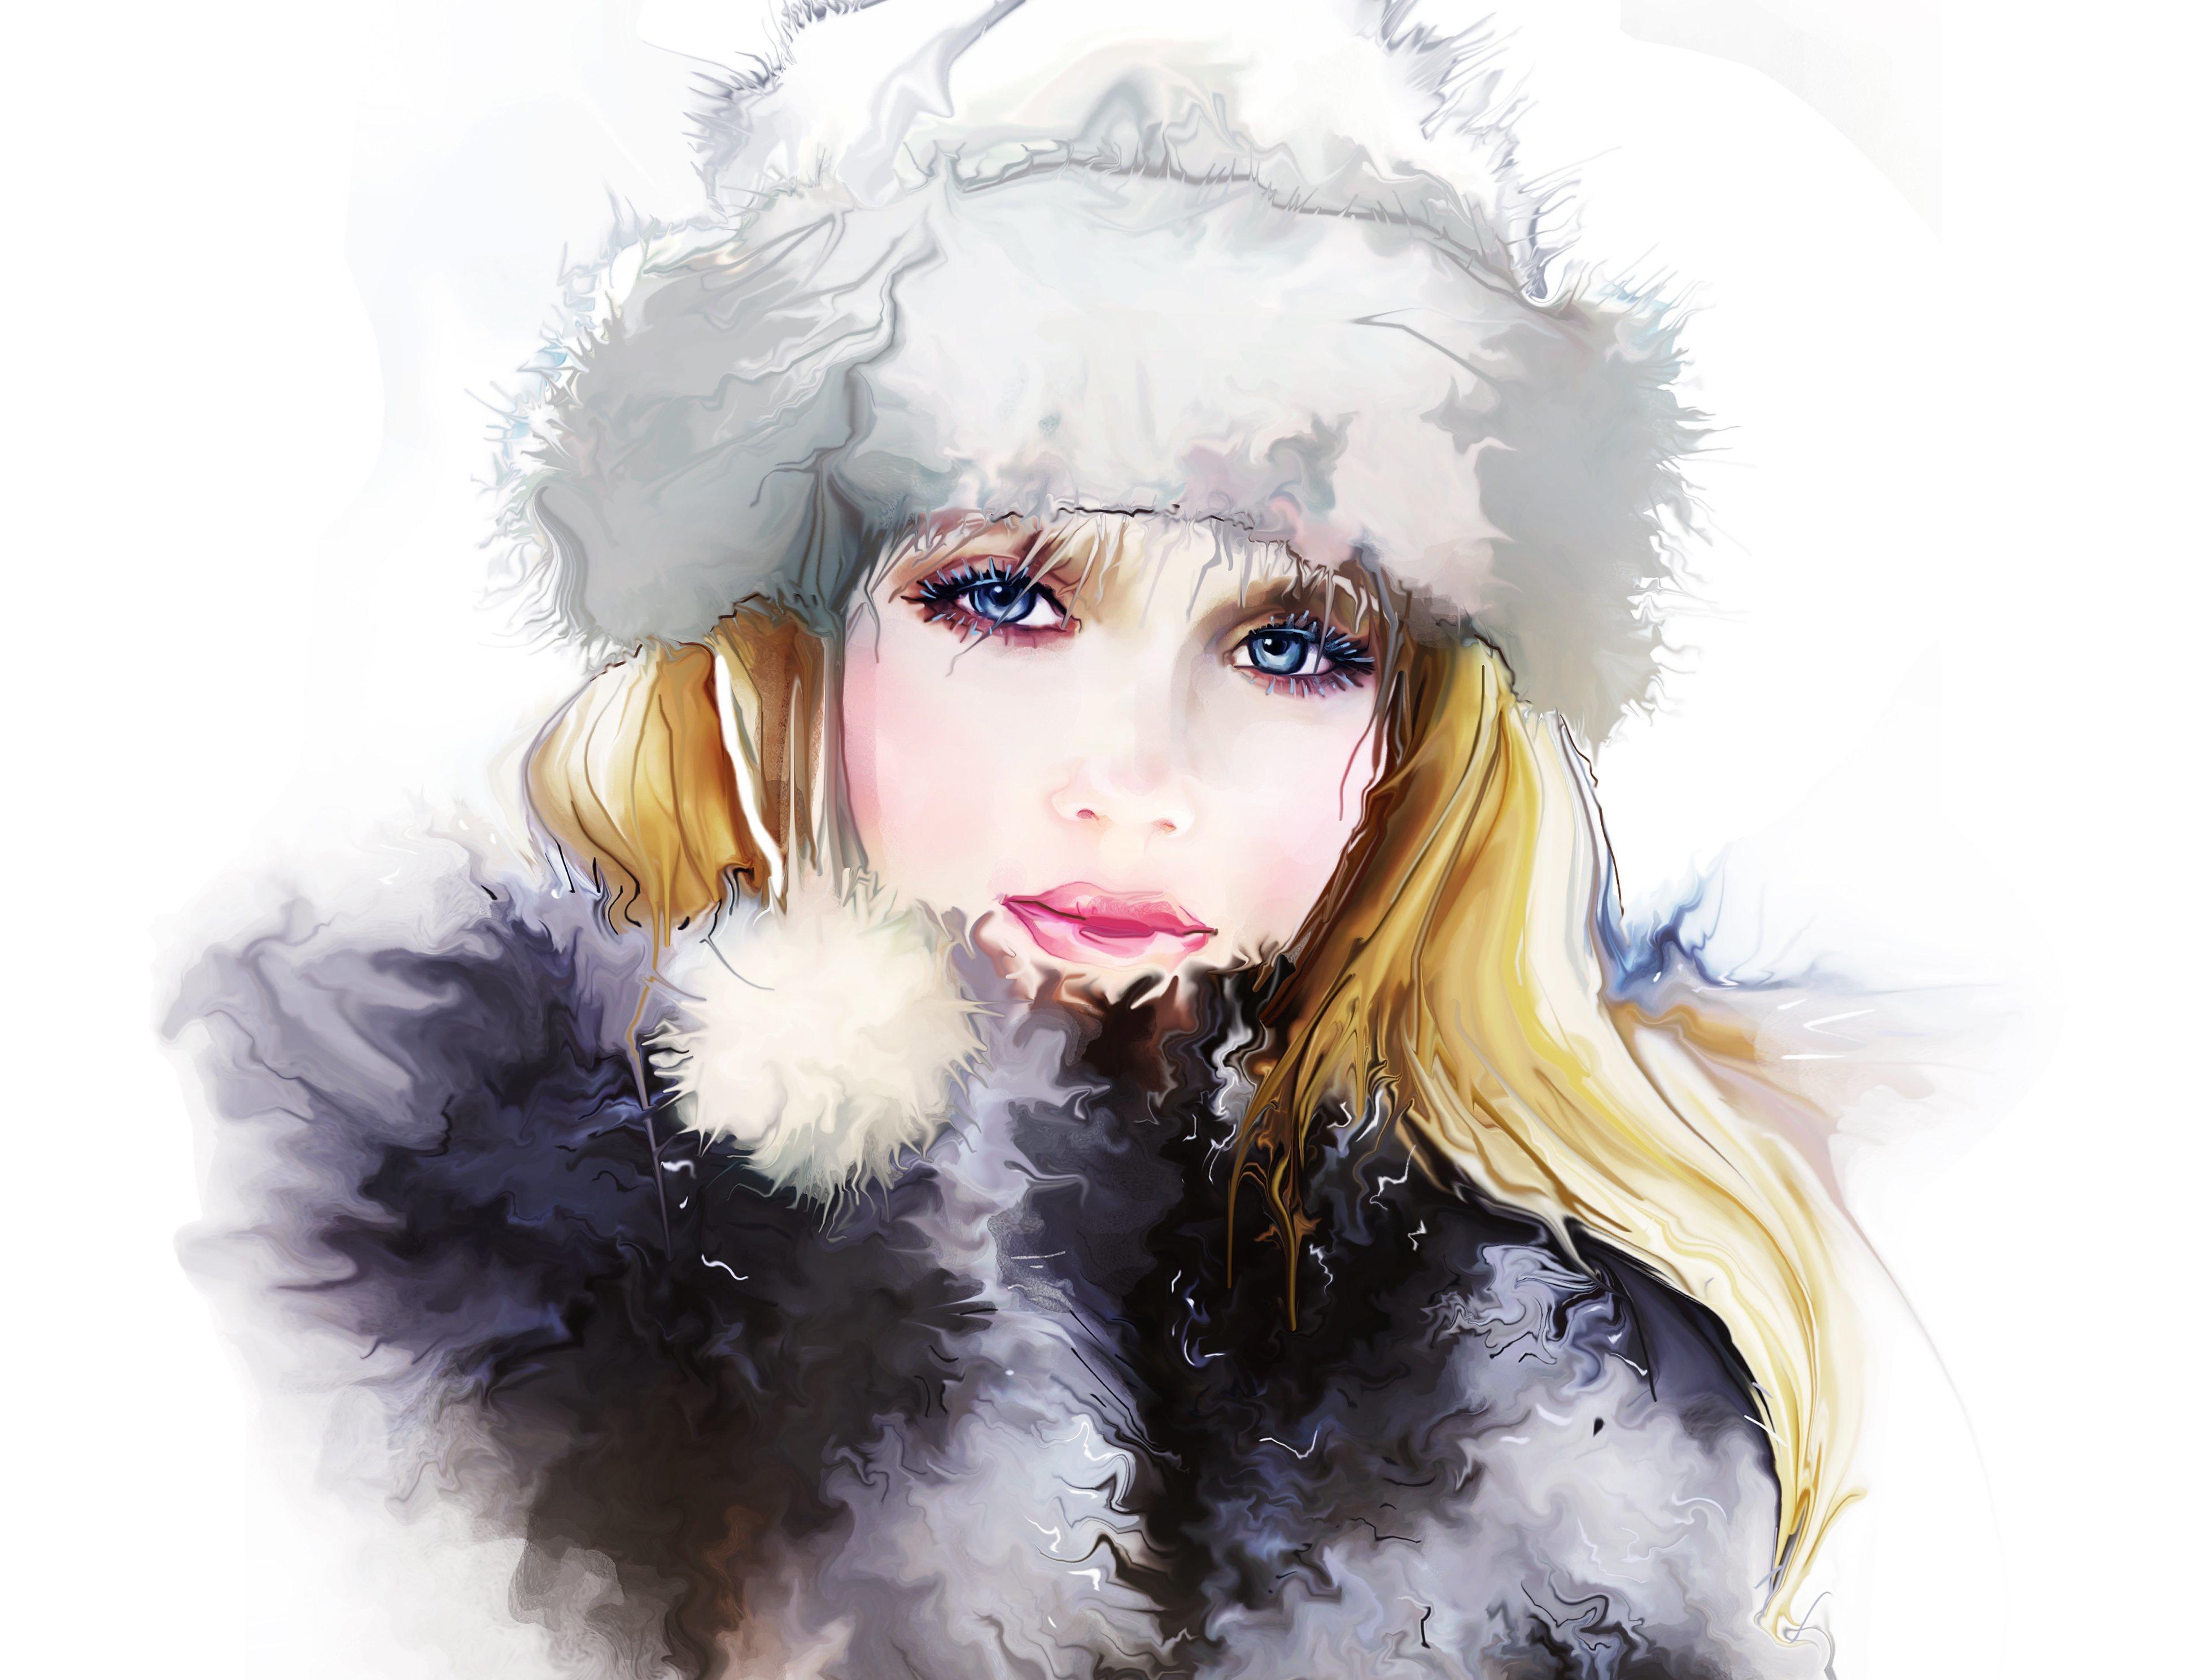 painting hd watercolor Tatiana Nikitina girl fur hat coat winter 3875x2975